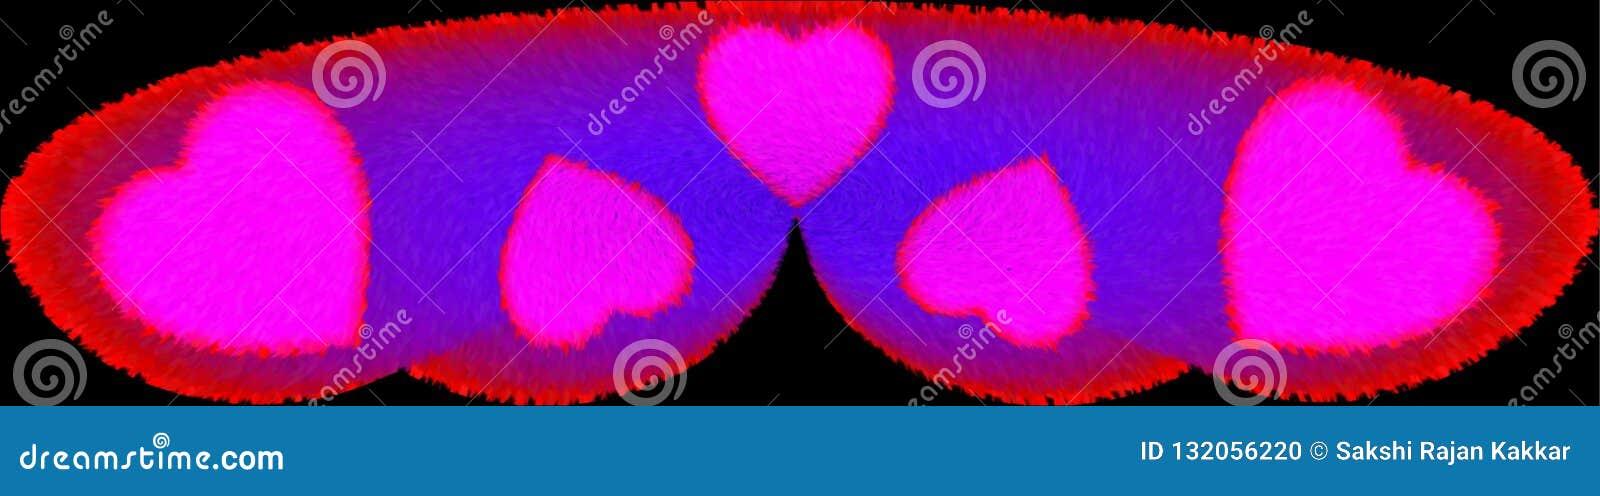 Красочный меховой и освещенный компьютер подушки медового месяца произвел дизайн изображения иллюстрации